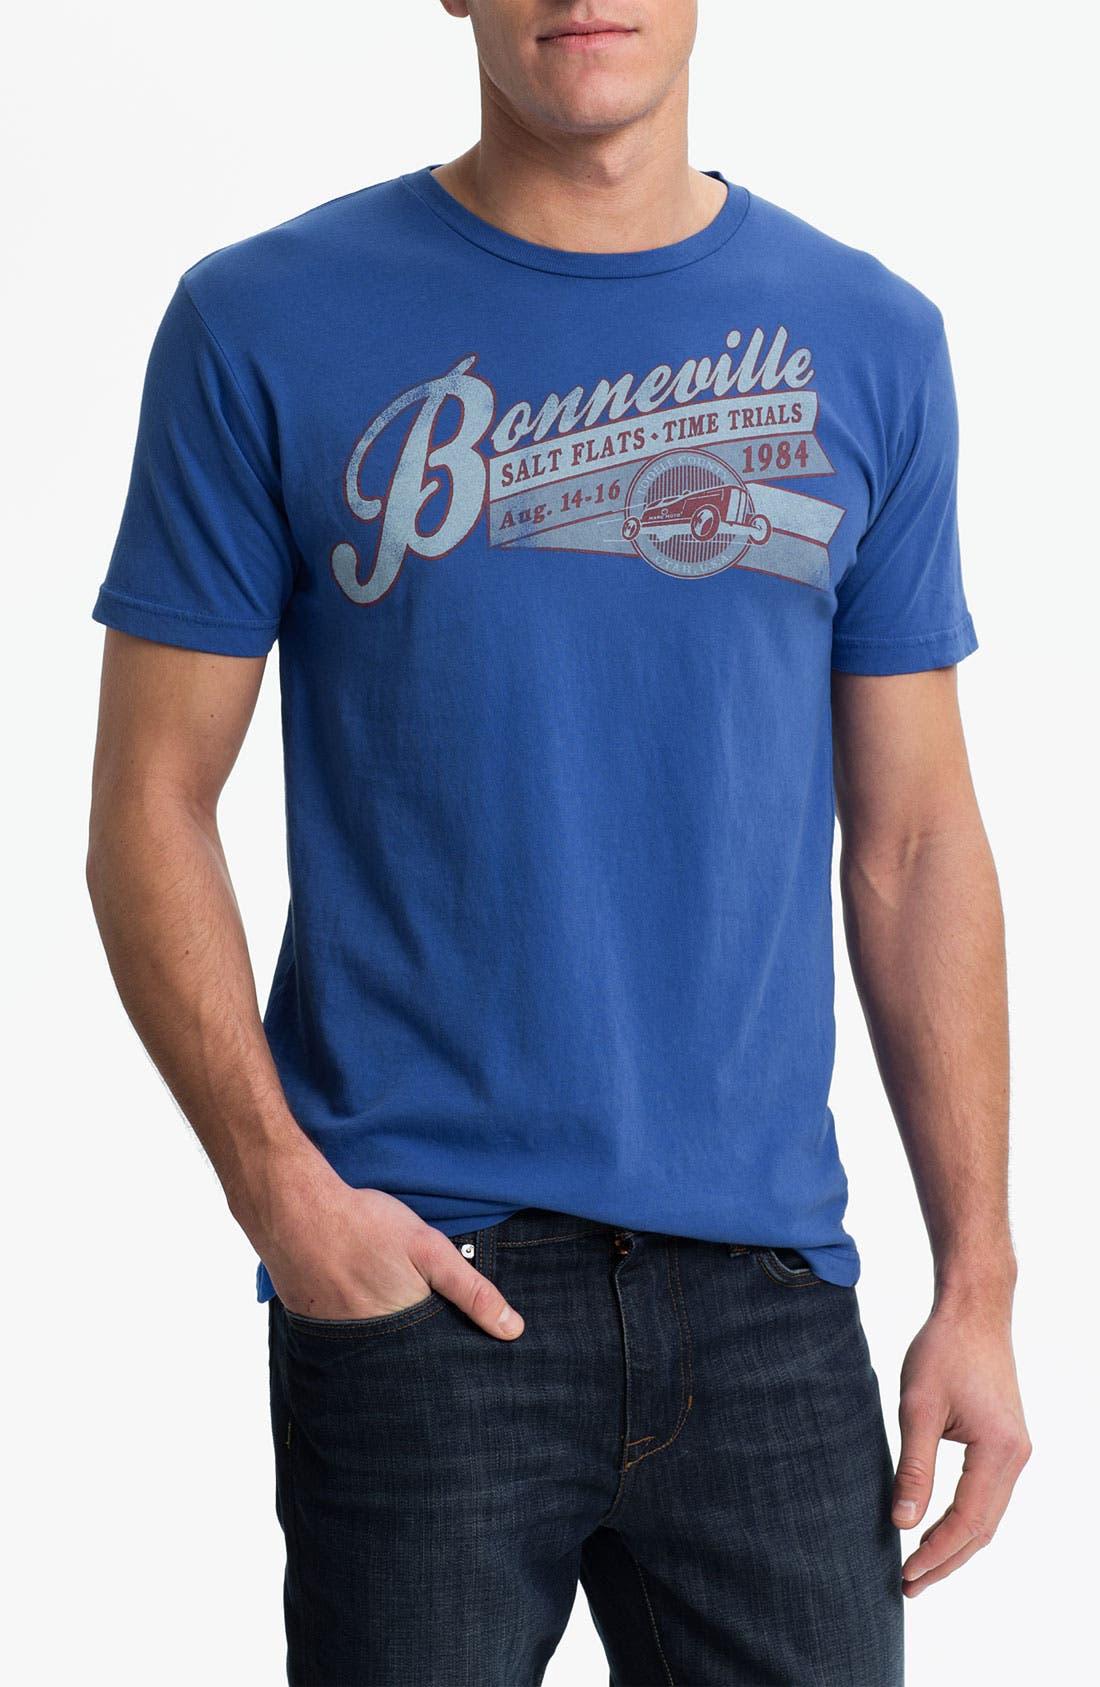 Main Image - Denim & Leathers by Andrew Marc 'Bonneville Salt Flats' Graphic T-Shirt